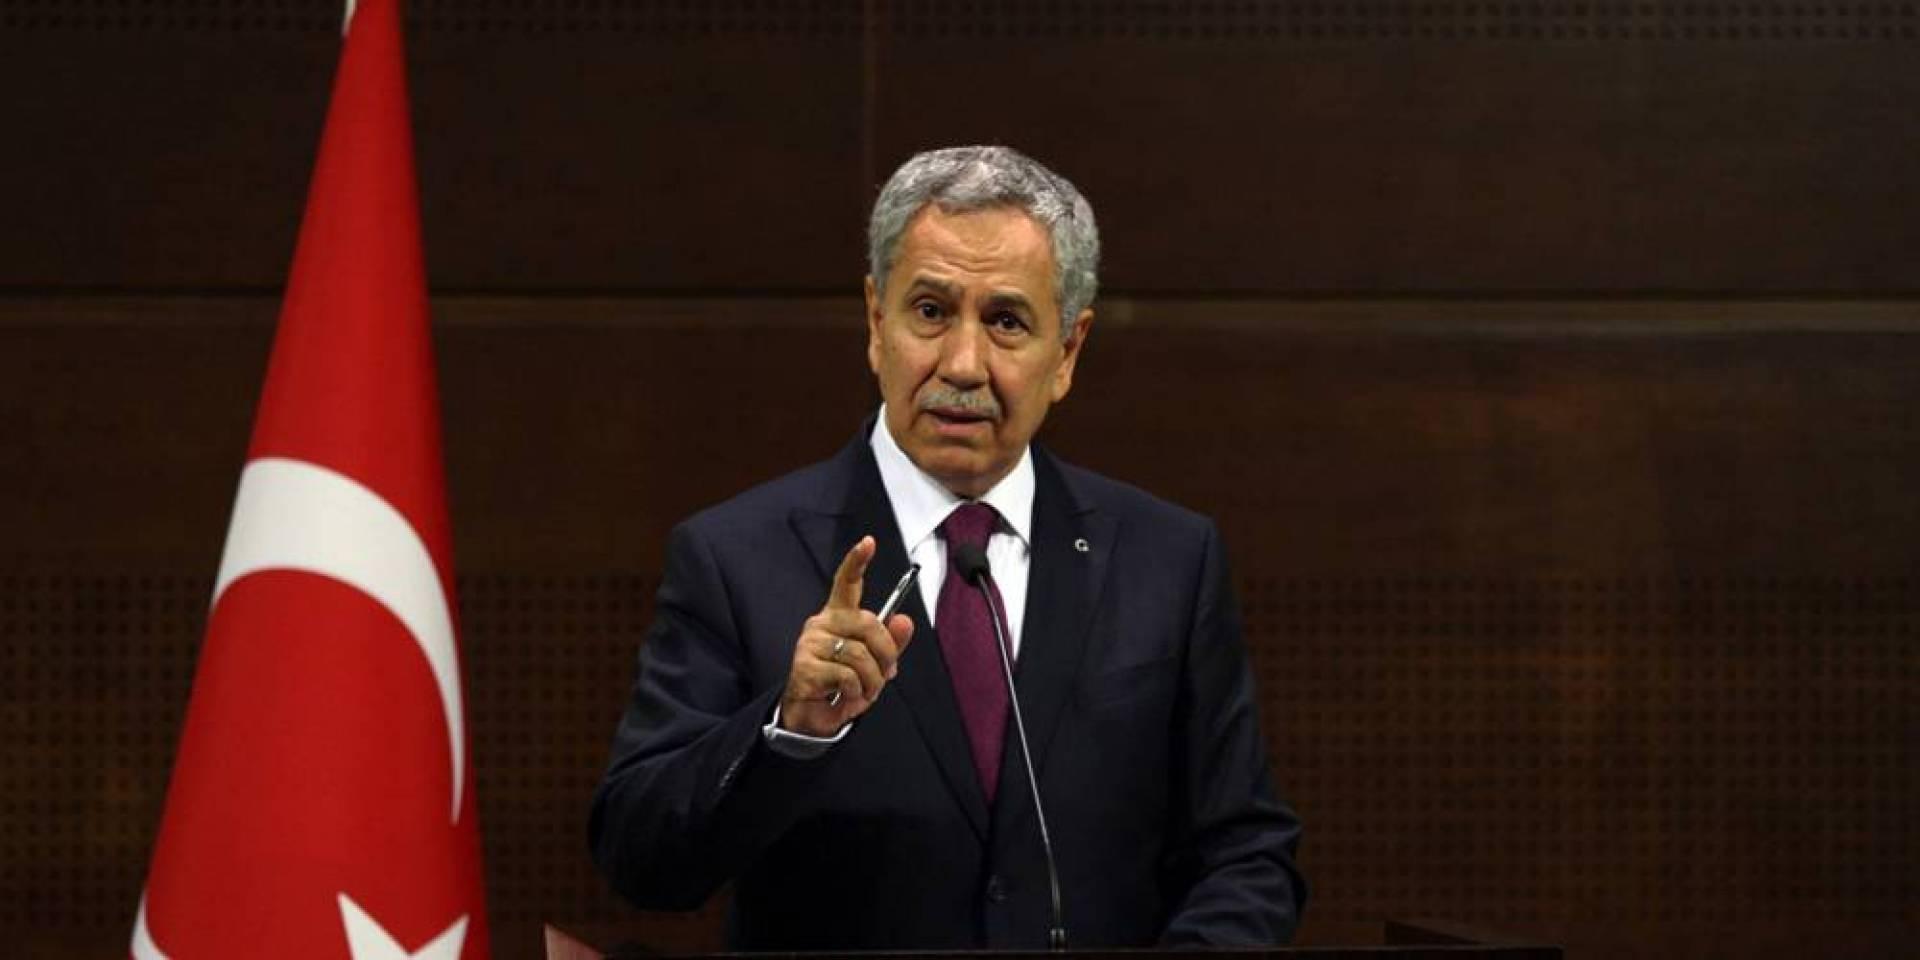 حليف تاريخي لإردوغان يستقيل من منصبه كمستشار رئاسي